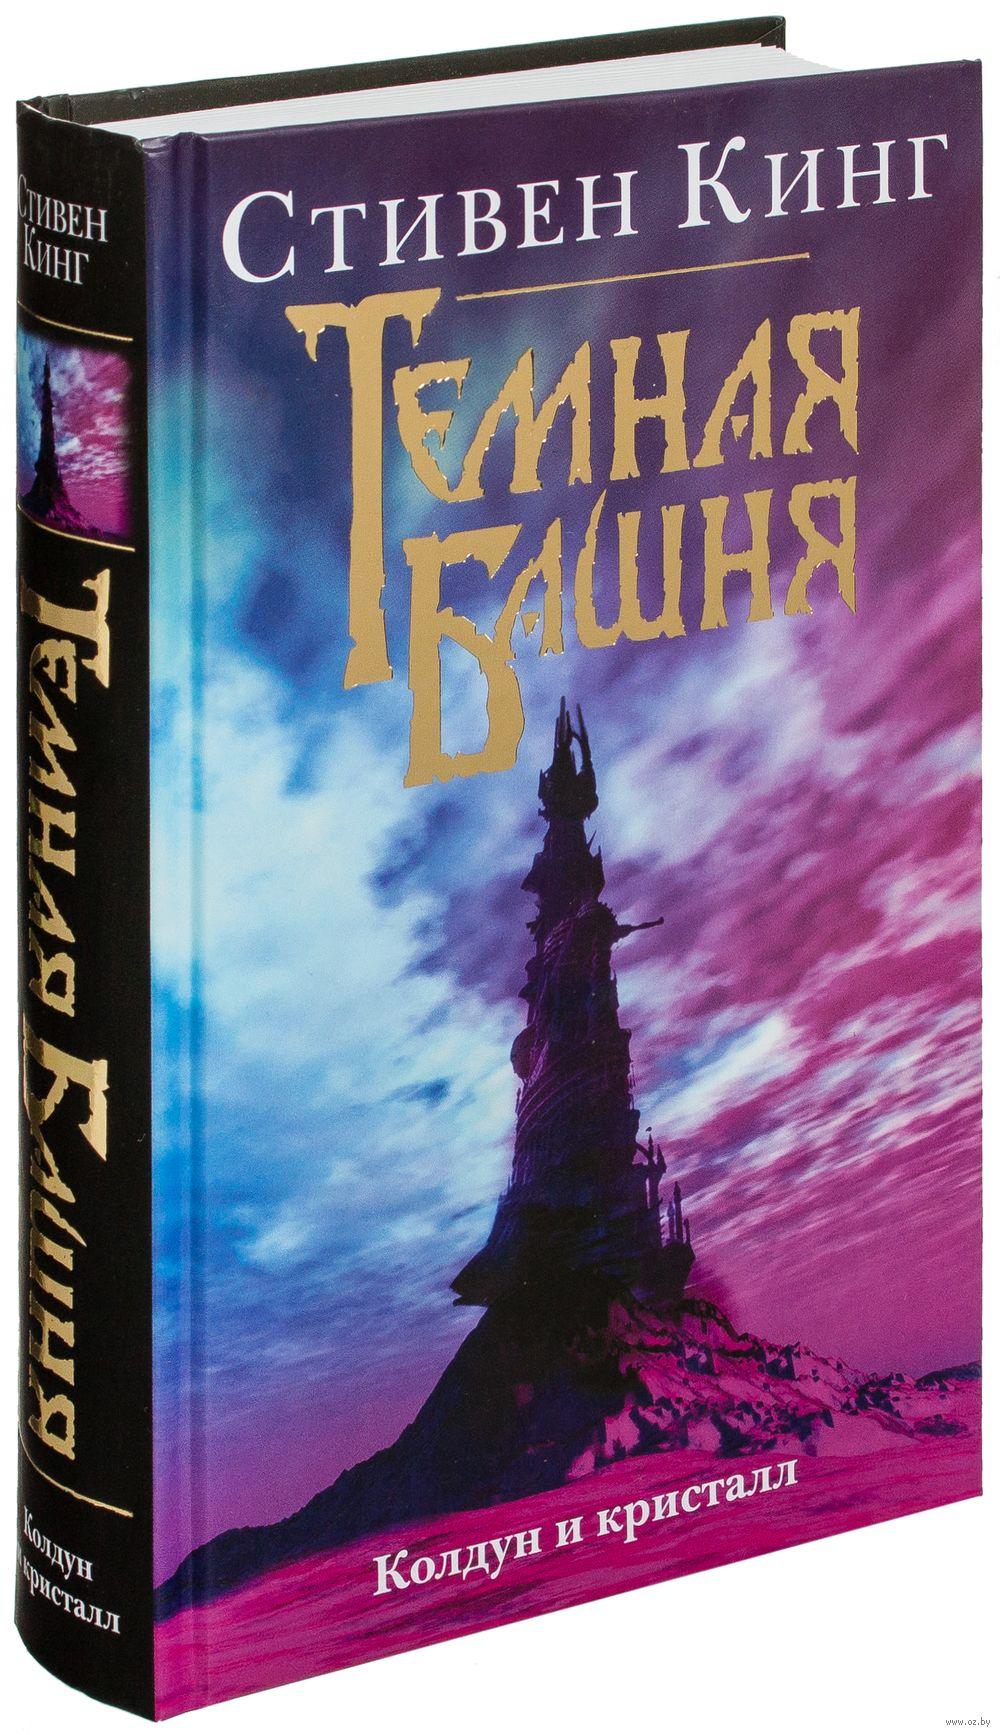 Электронные книги темная башня скачать бесплатно